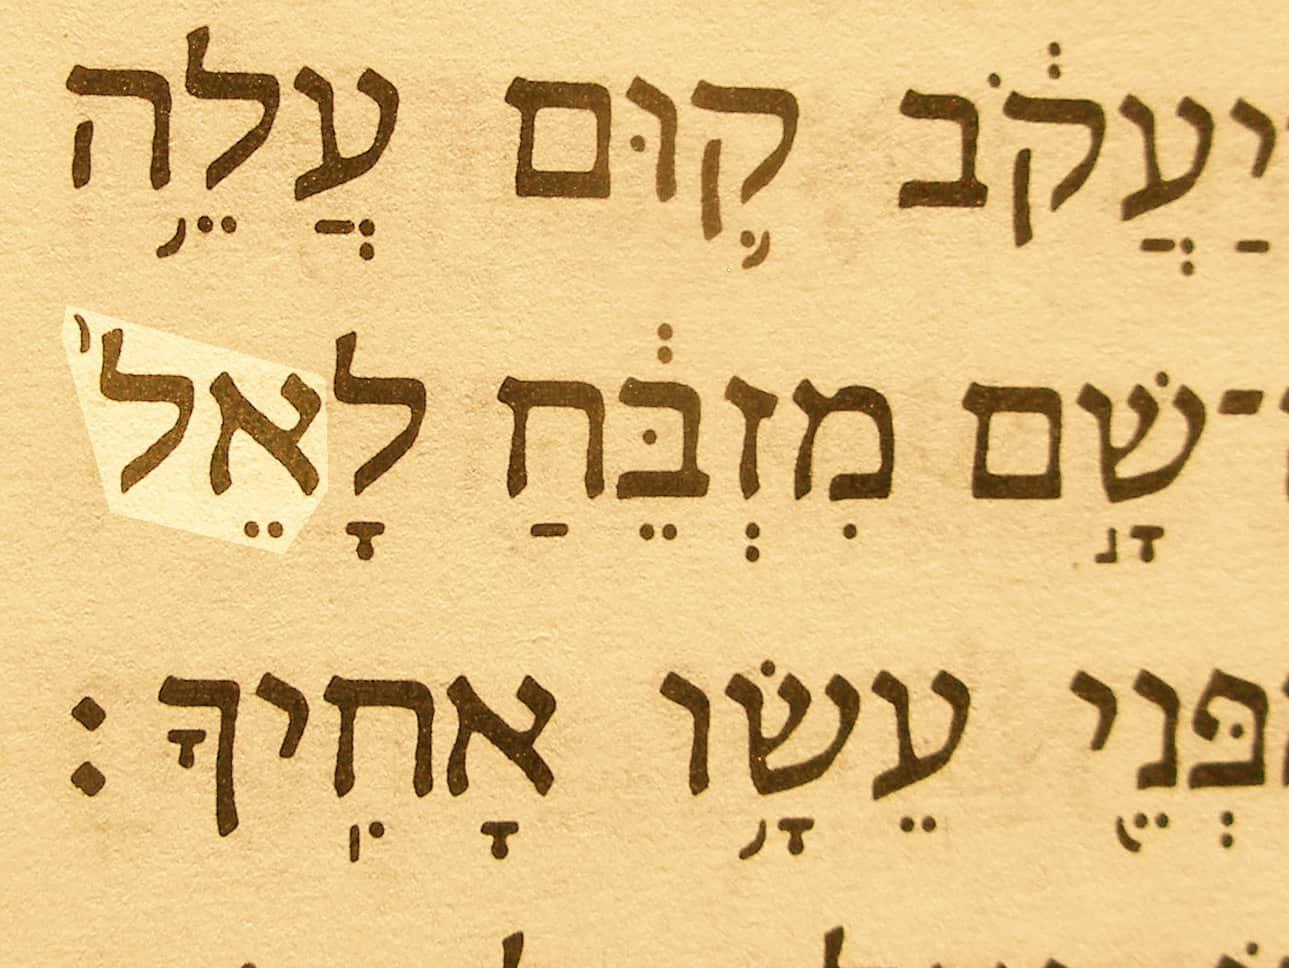 El Name: God (Elohim, Eloah, El, Elah, Theos)